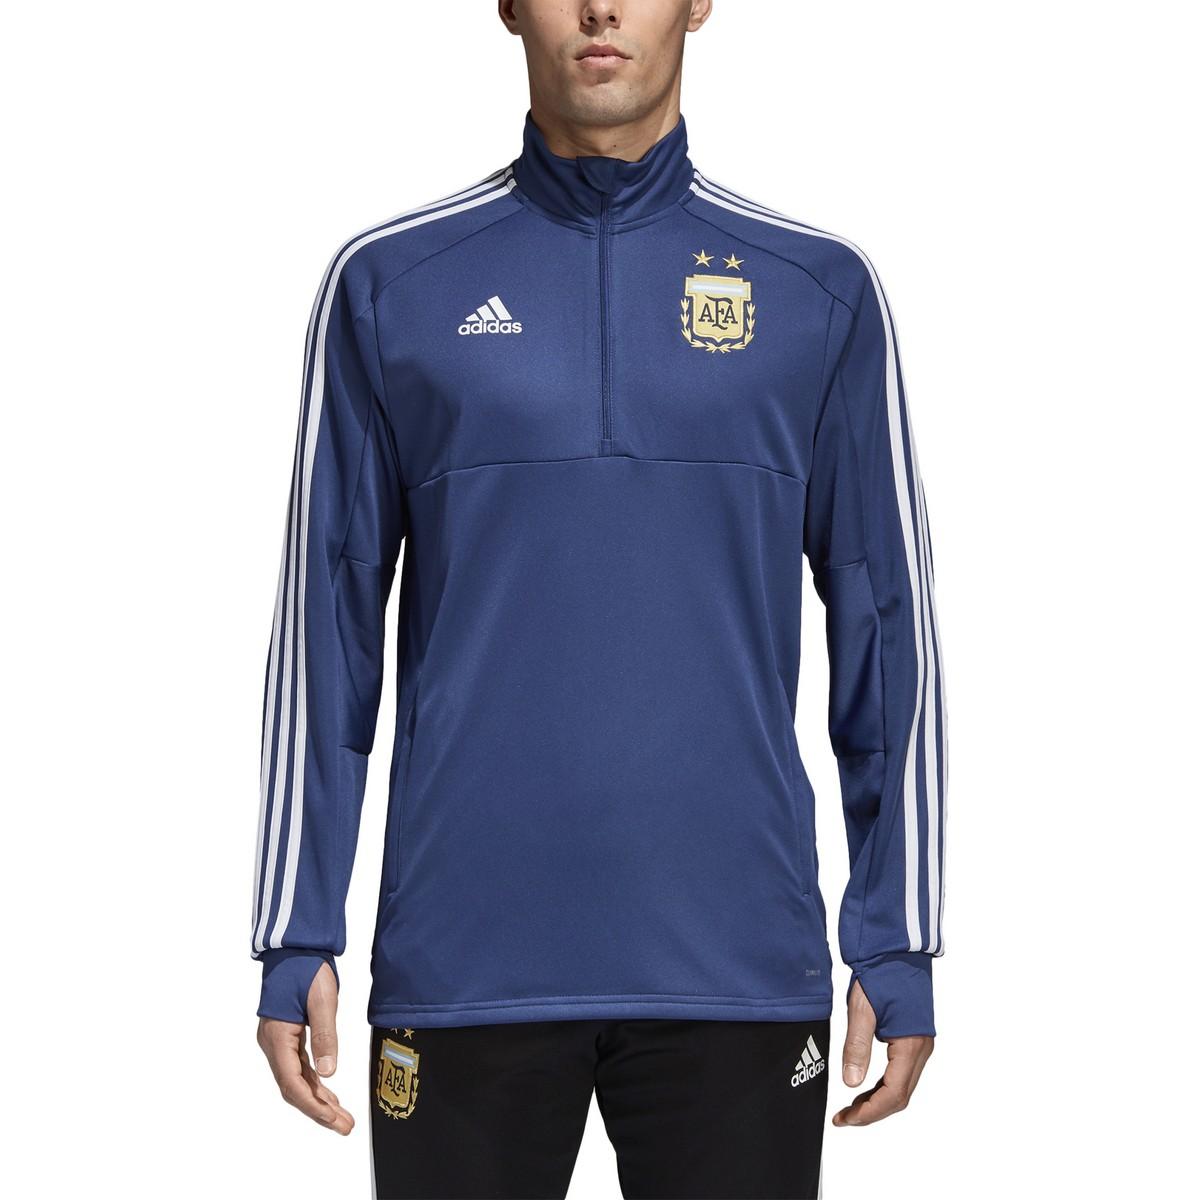 f9352635705b2 Argentina AFA sudadera de entrenamiento Adidas 2017 18